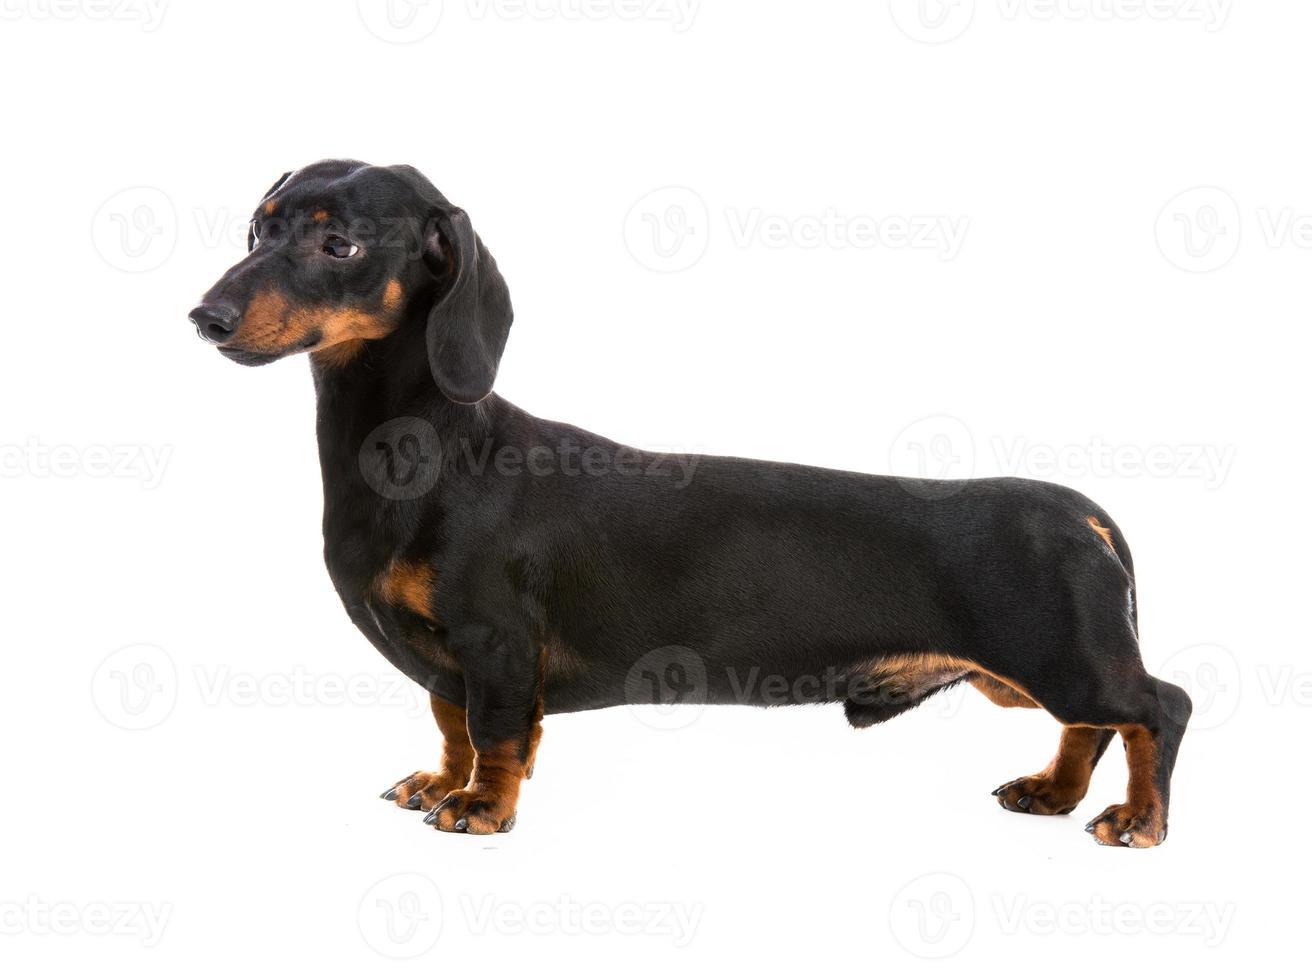 perro de raza dachshund foto